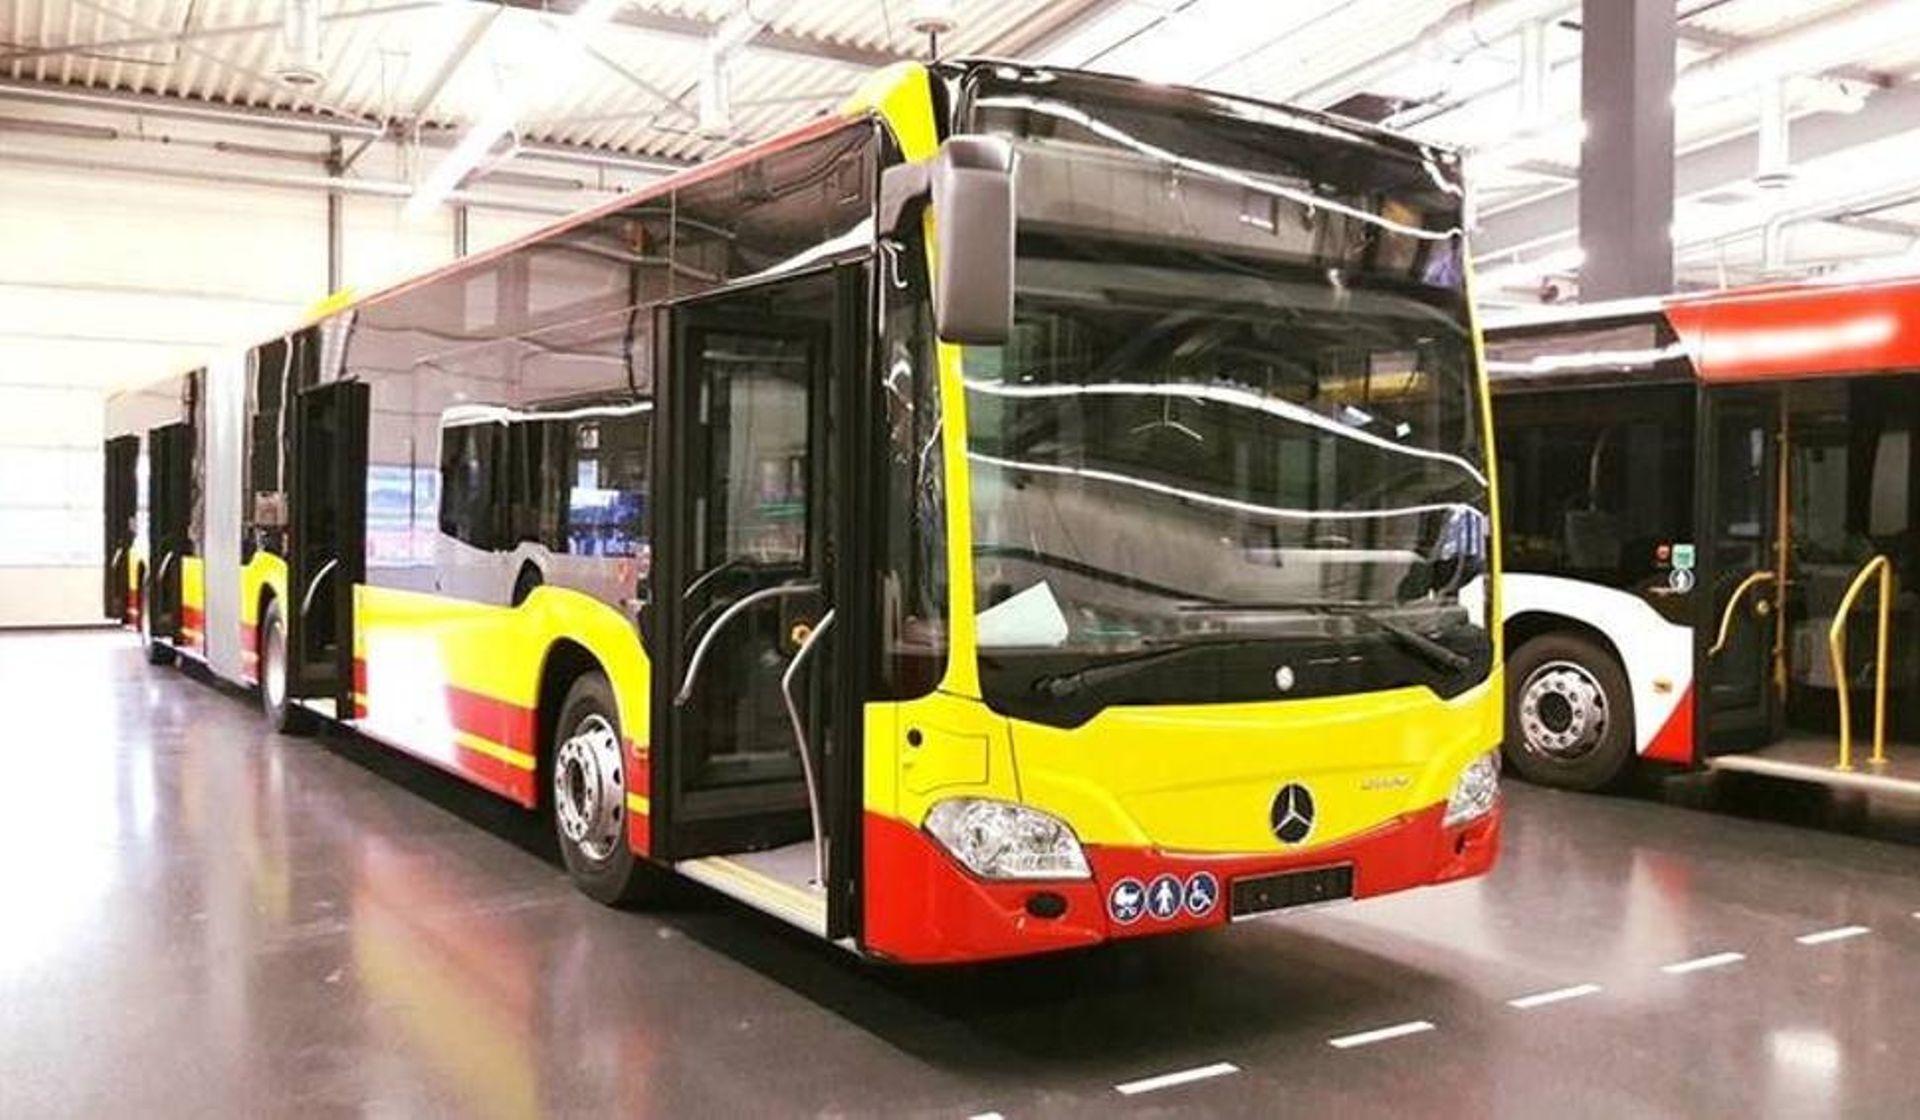 To jednak Mercedes a nie MAN dostarczy 50 nowych autobusów dla MPK Wrocław